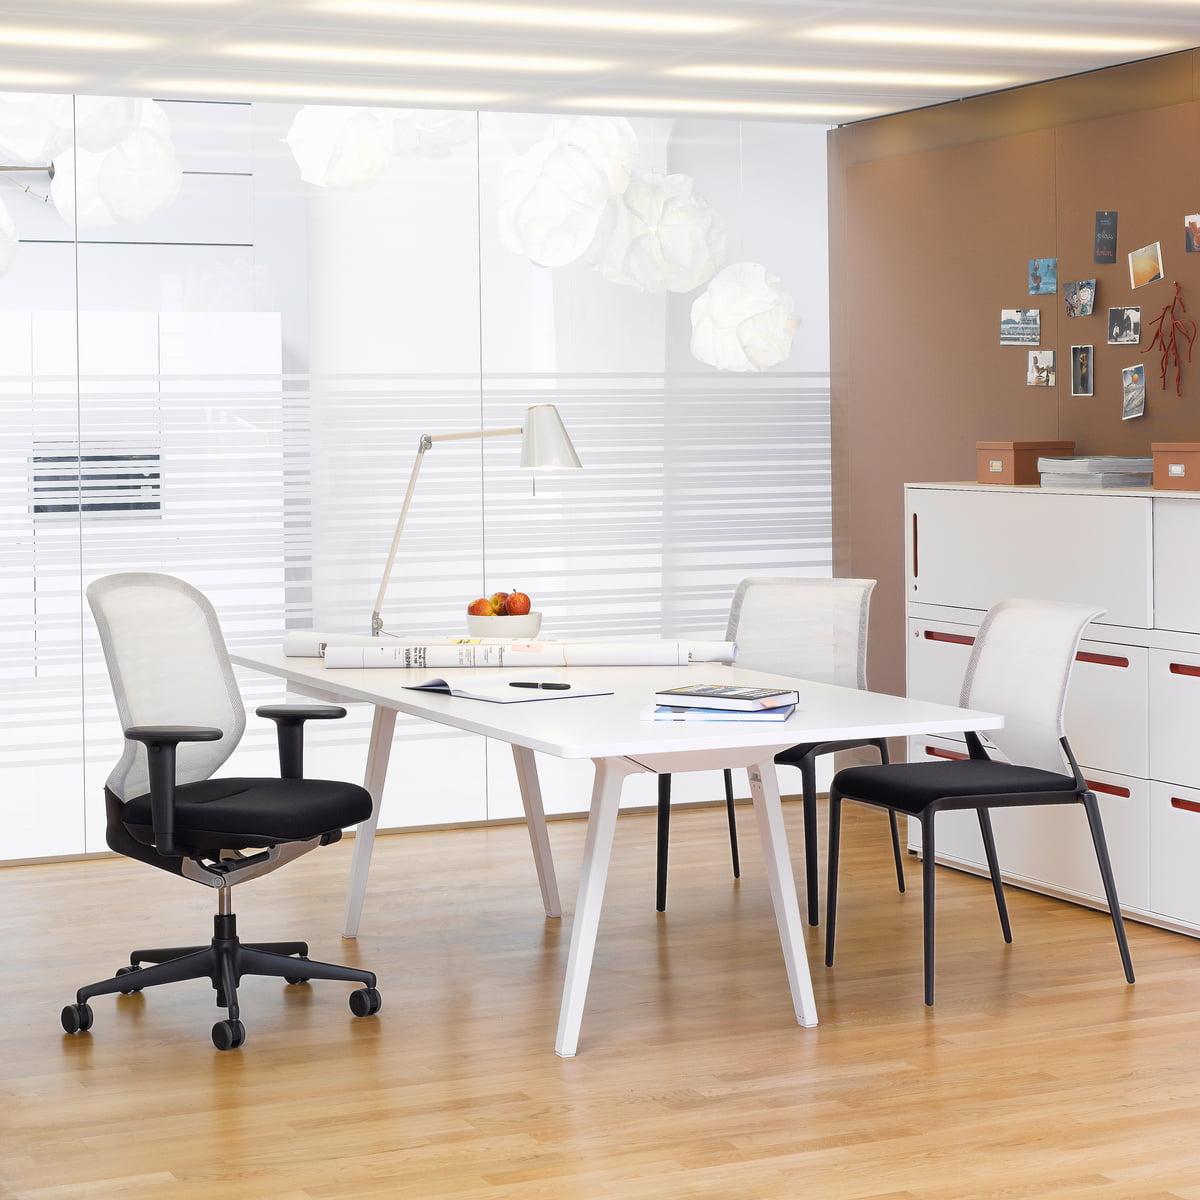 vitra medaslim stuhl - Hausliches Arbeitszimmer Gestalten Einrichtungsideen